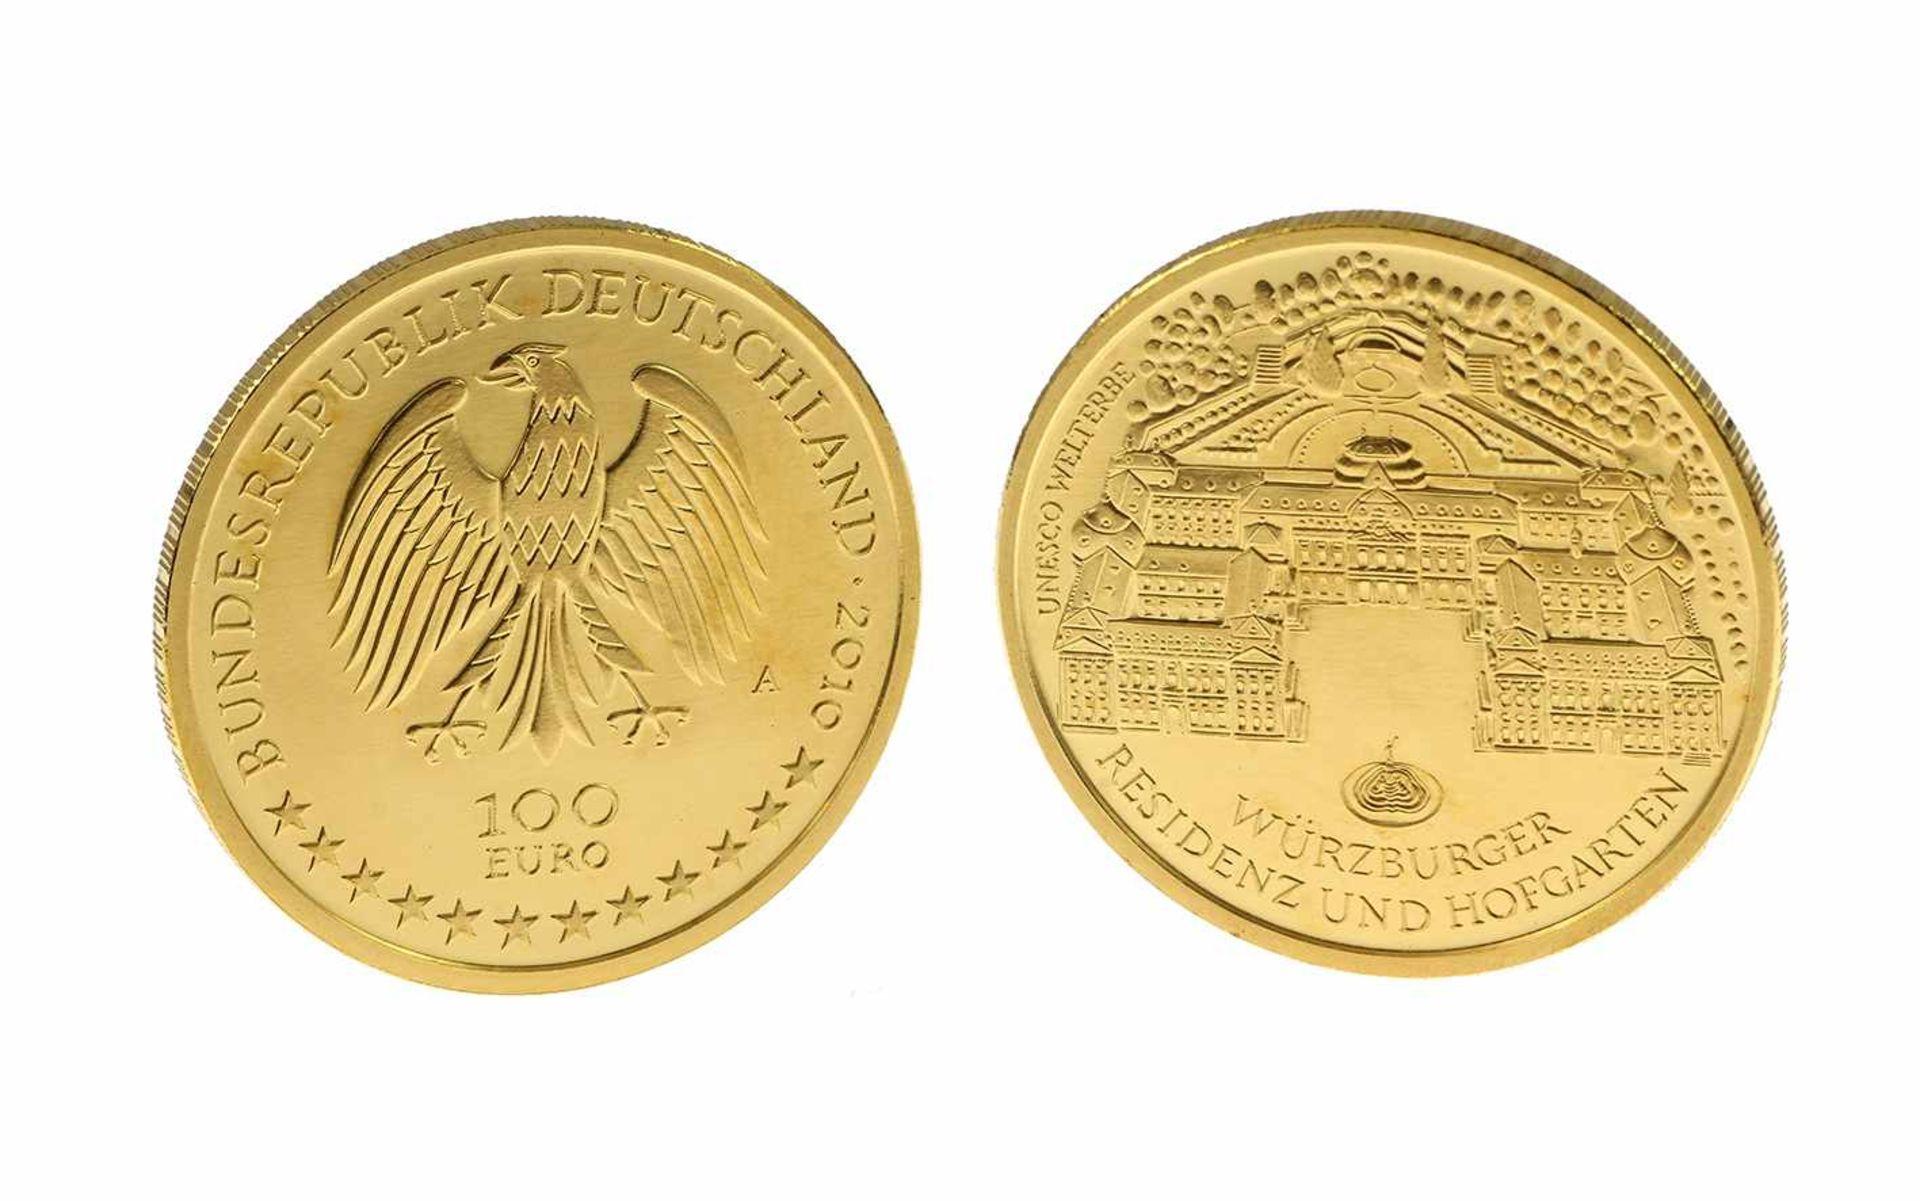 Los 50 - Münze 100 Euro 999,9/- Gelbeold 1/2 Unze 15,55 g Würzburger Residenz und Hofgarten Prägejahr 2010